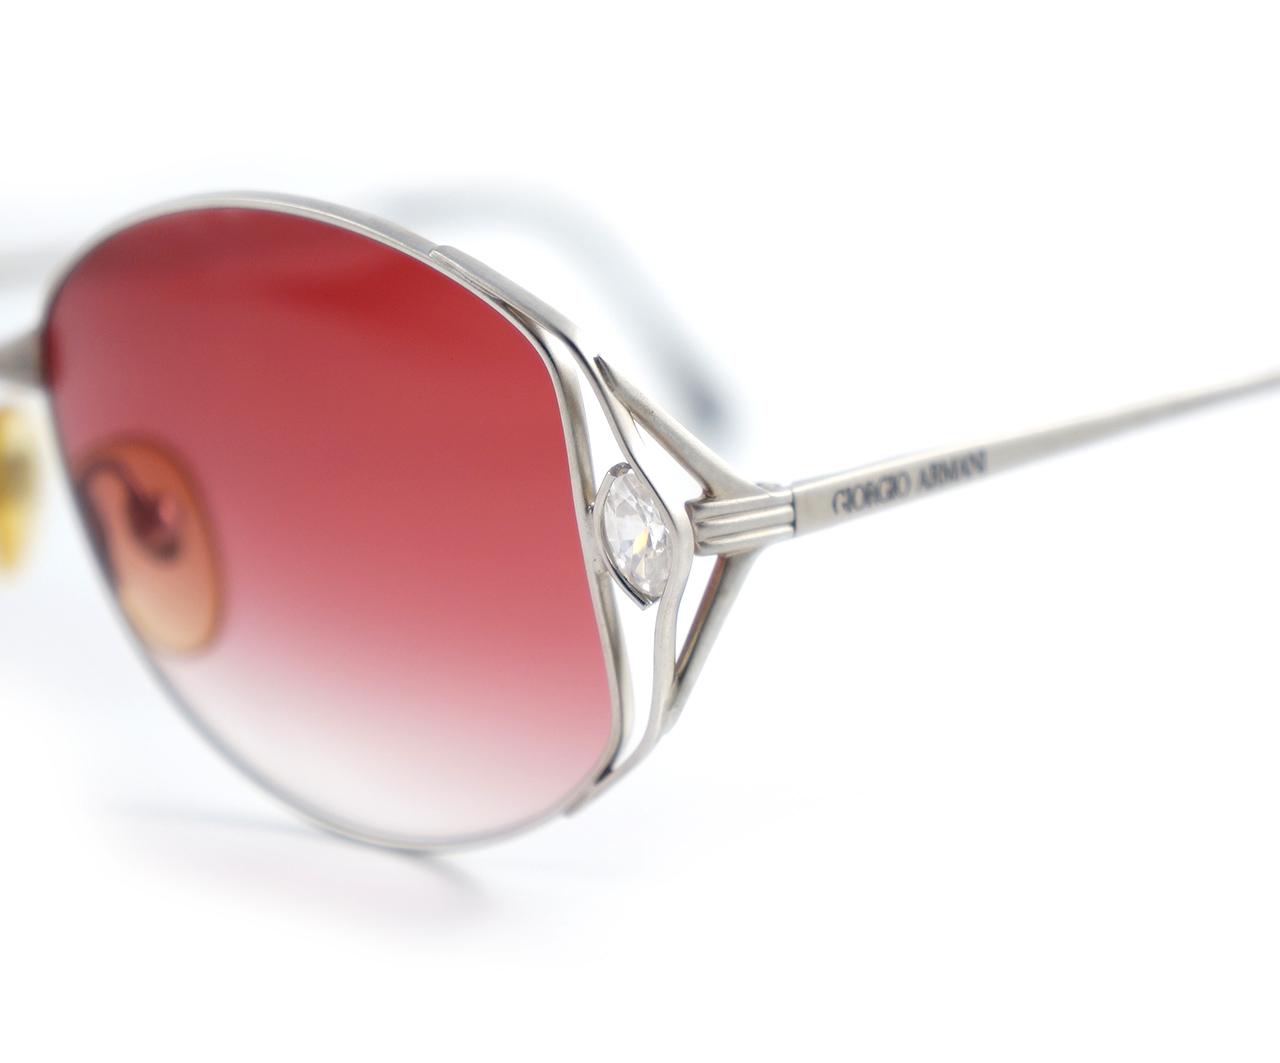 Occhiali Vintage di Giorgio Armani Modello 806